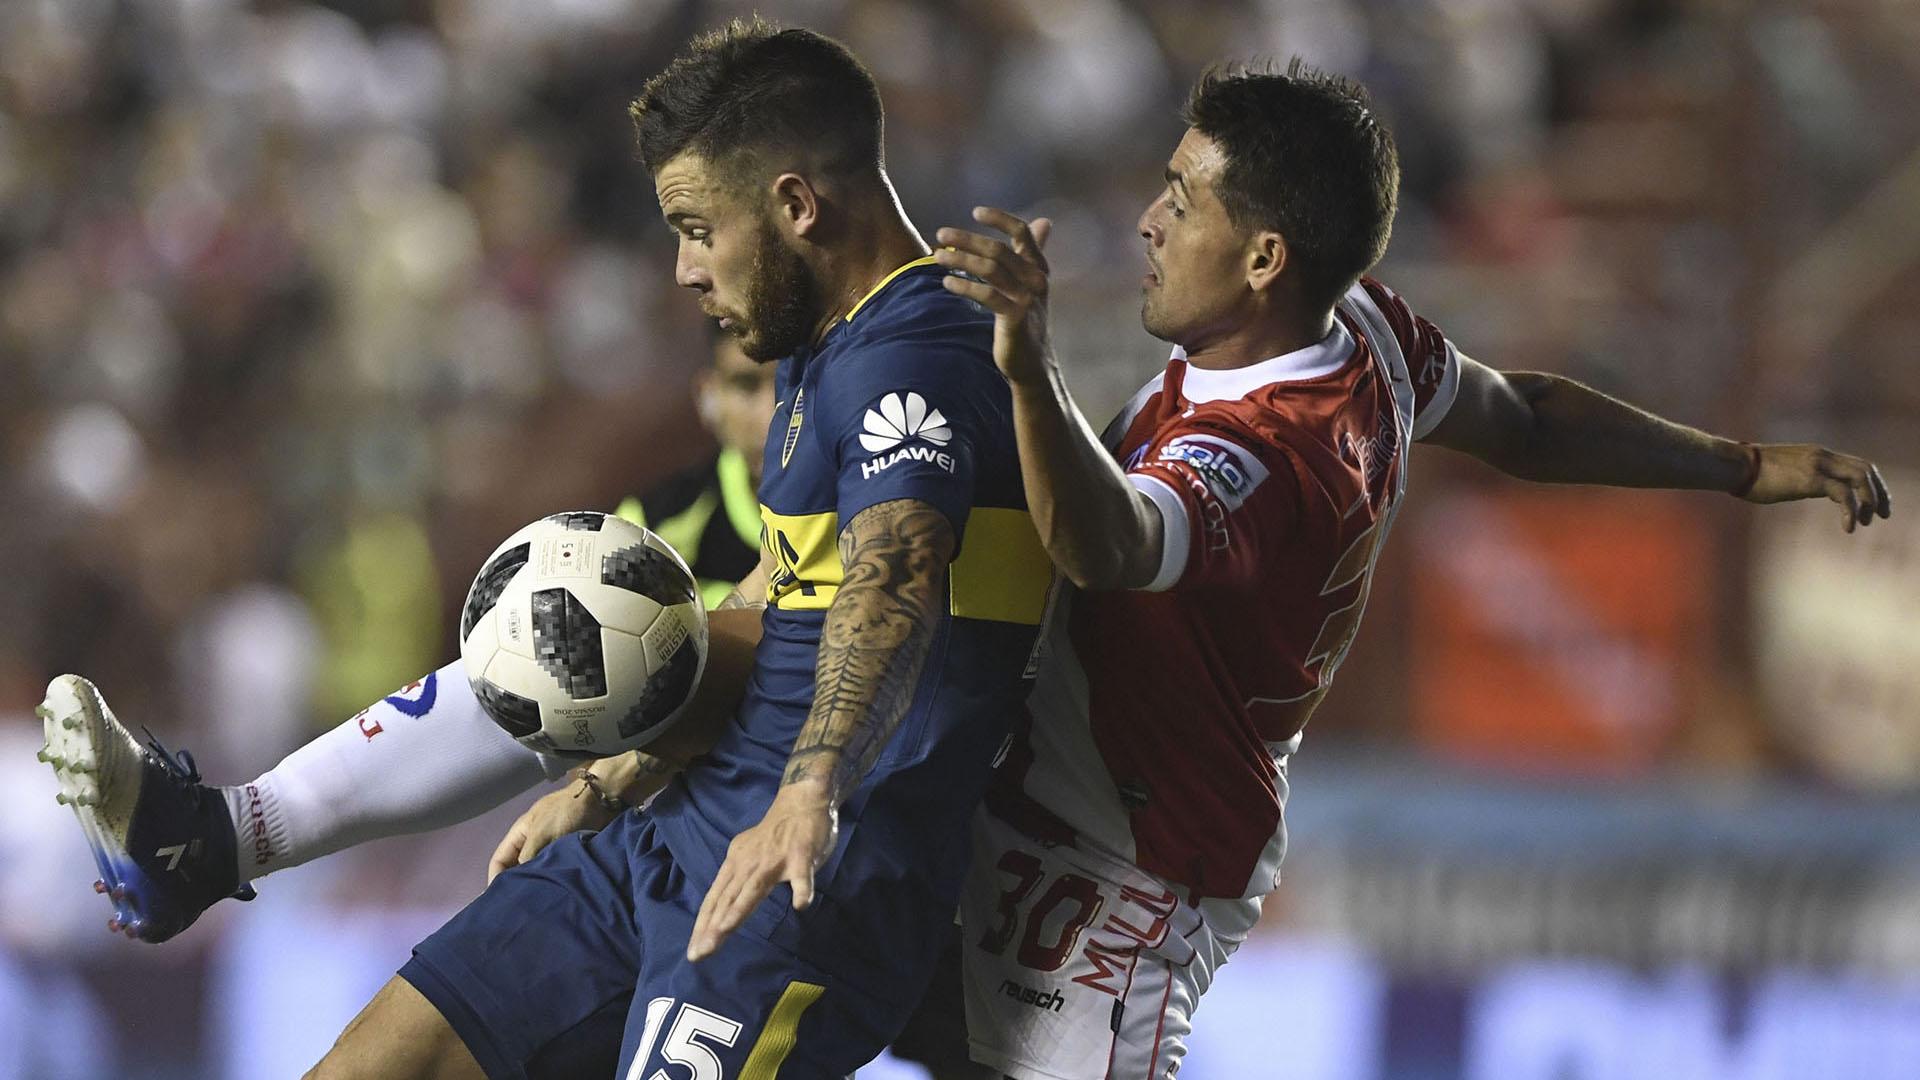 Boca enfrenta a Argentinos en la superliga (Télam)